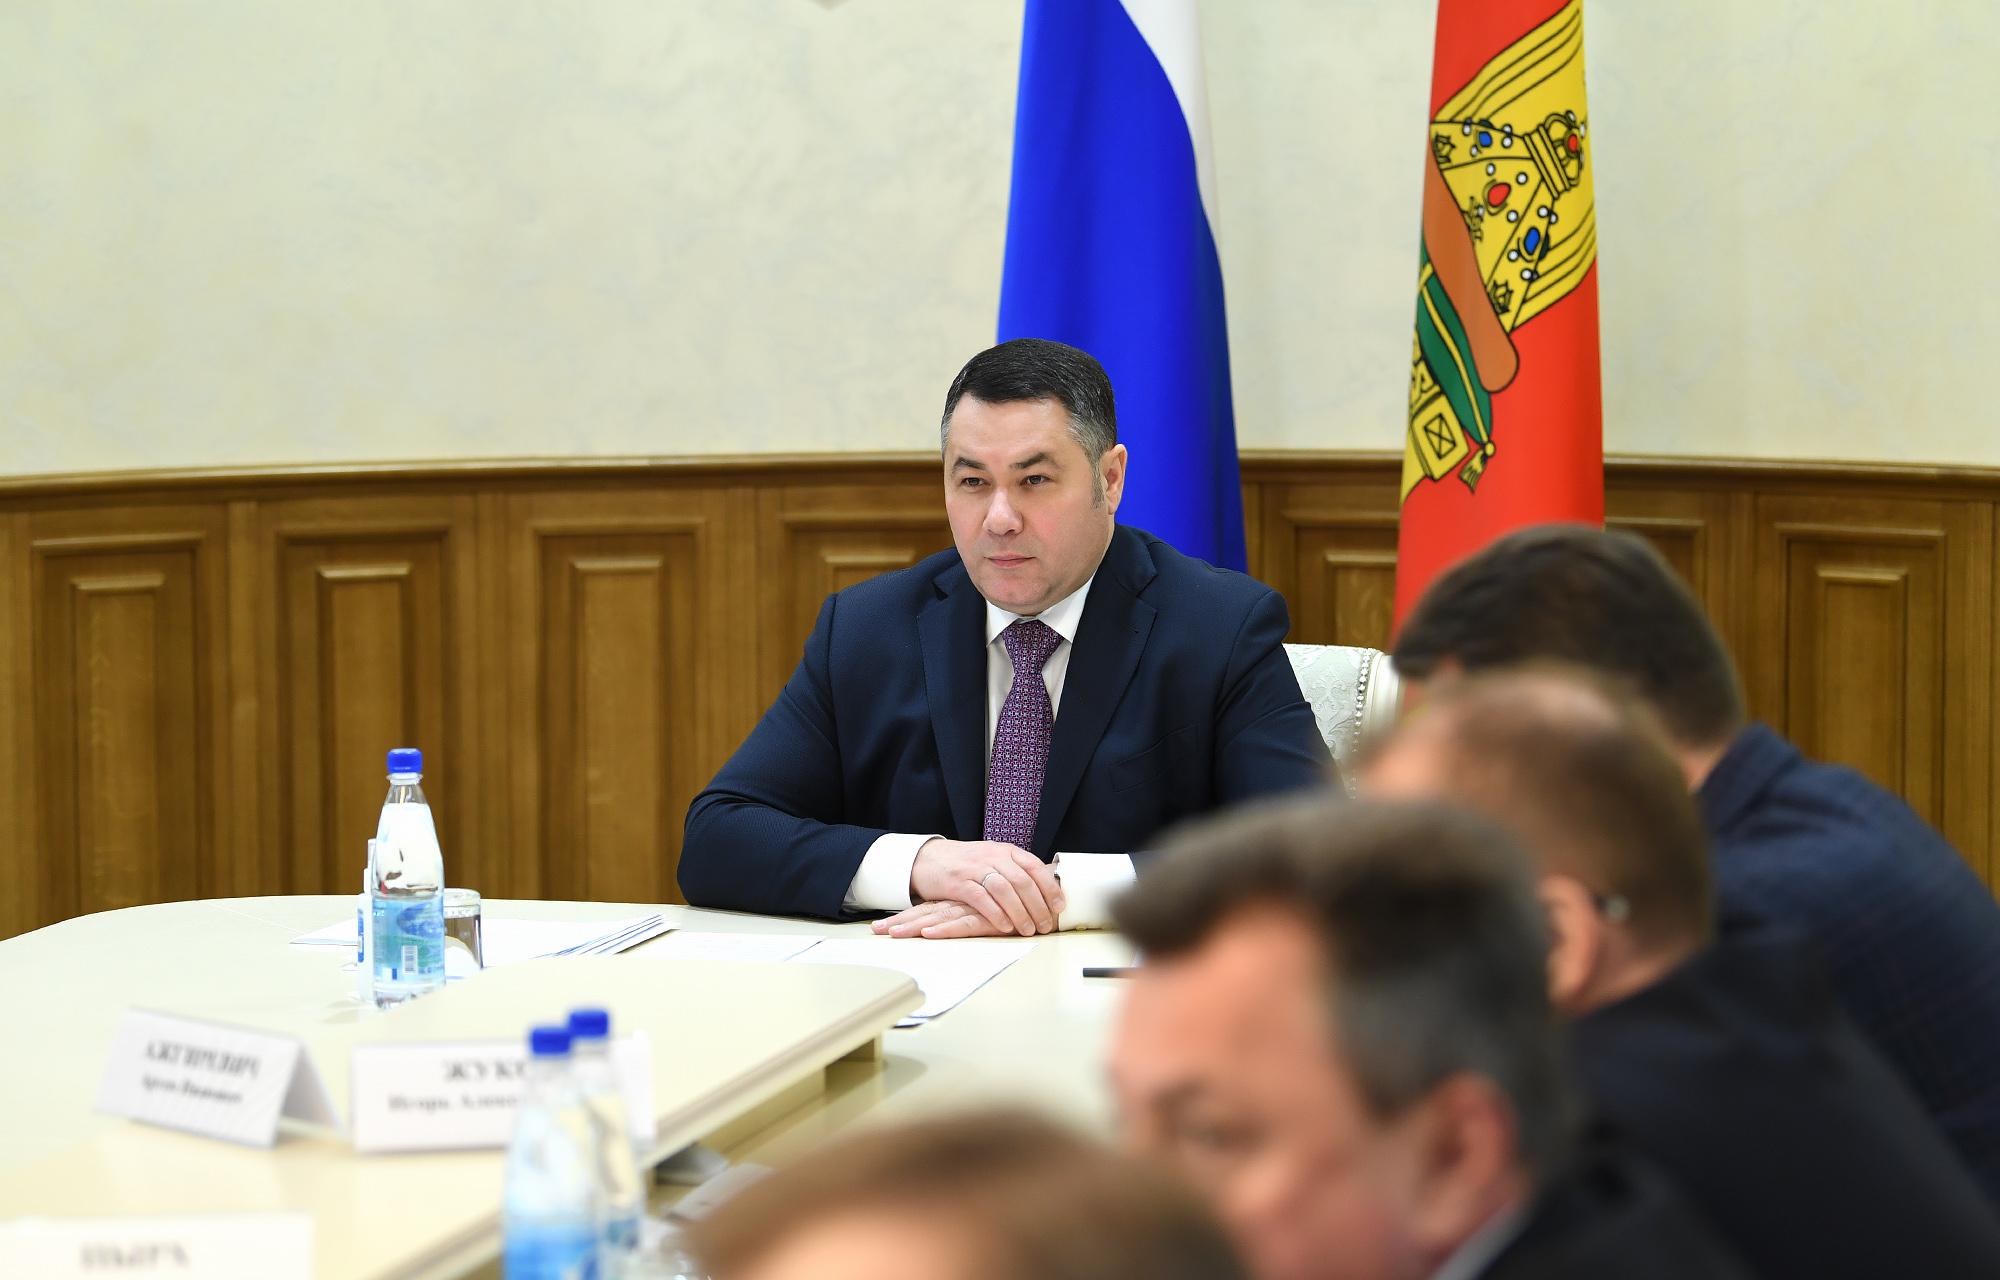 Игорь Руденя провёл селекторное совещание с главами муниципалитетов по вопросам предупреждения распространения коронавируса